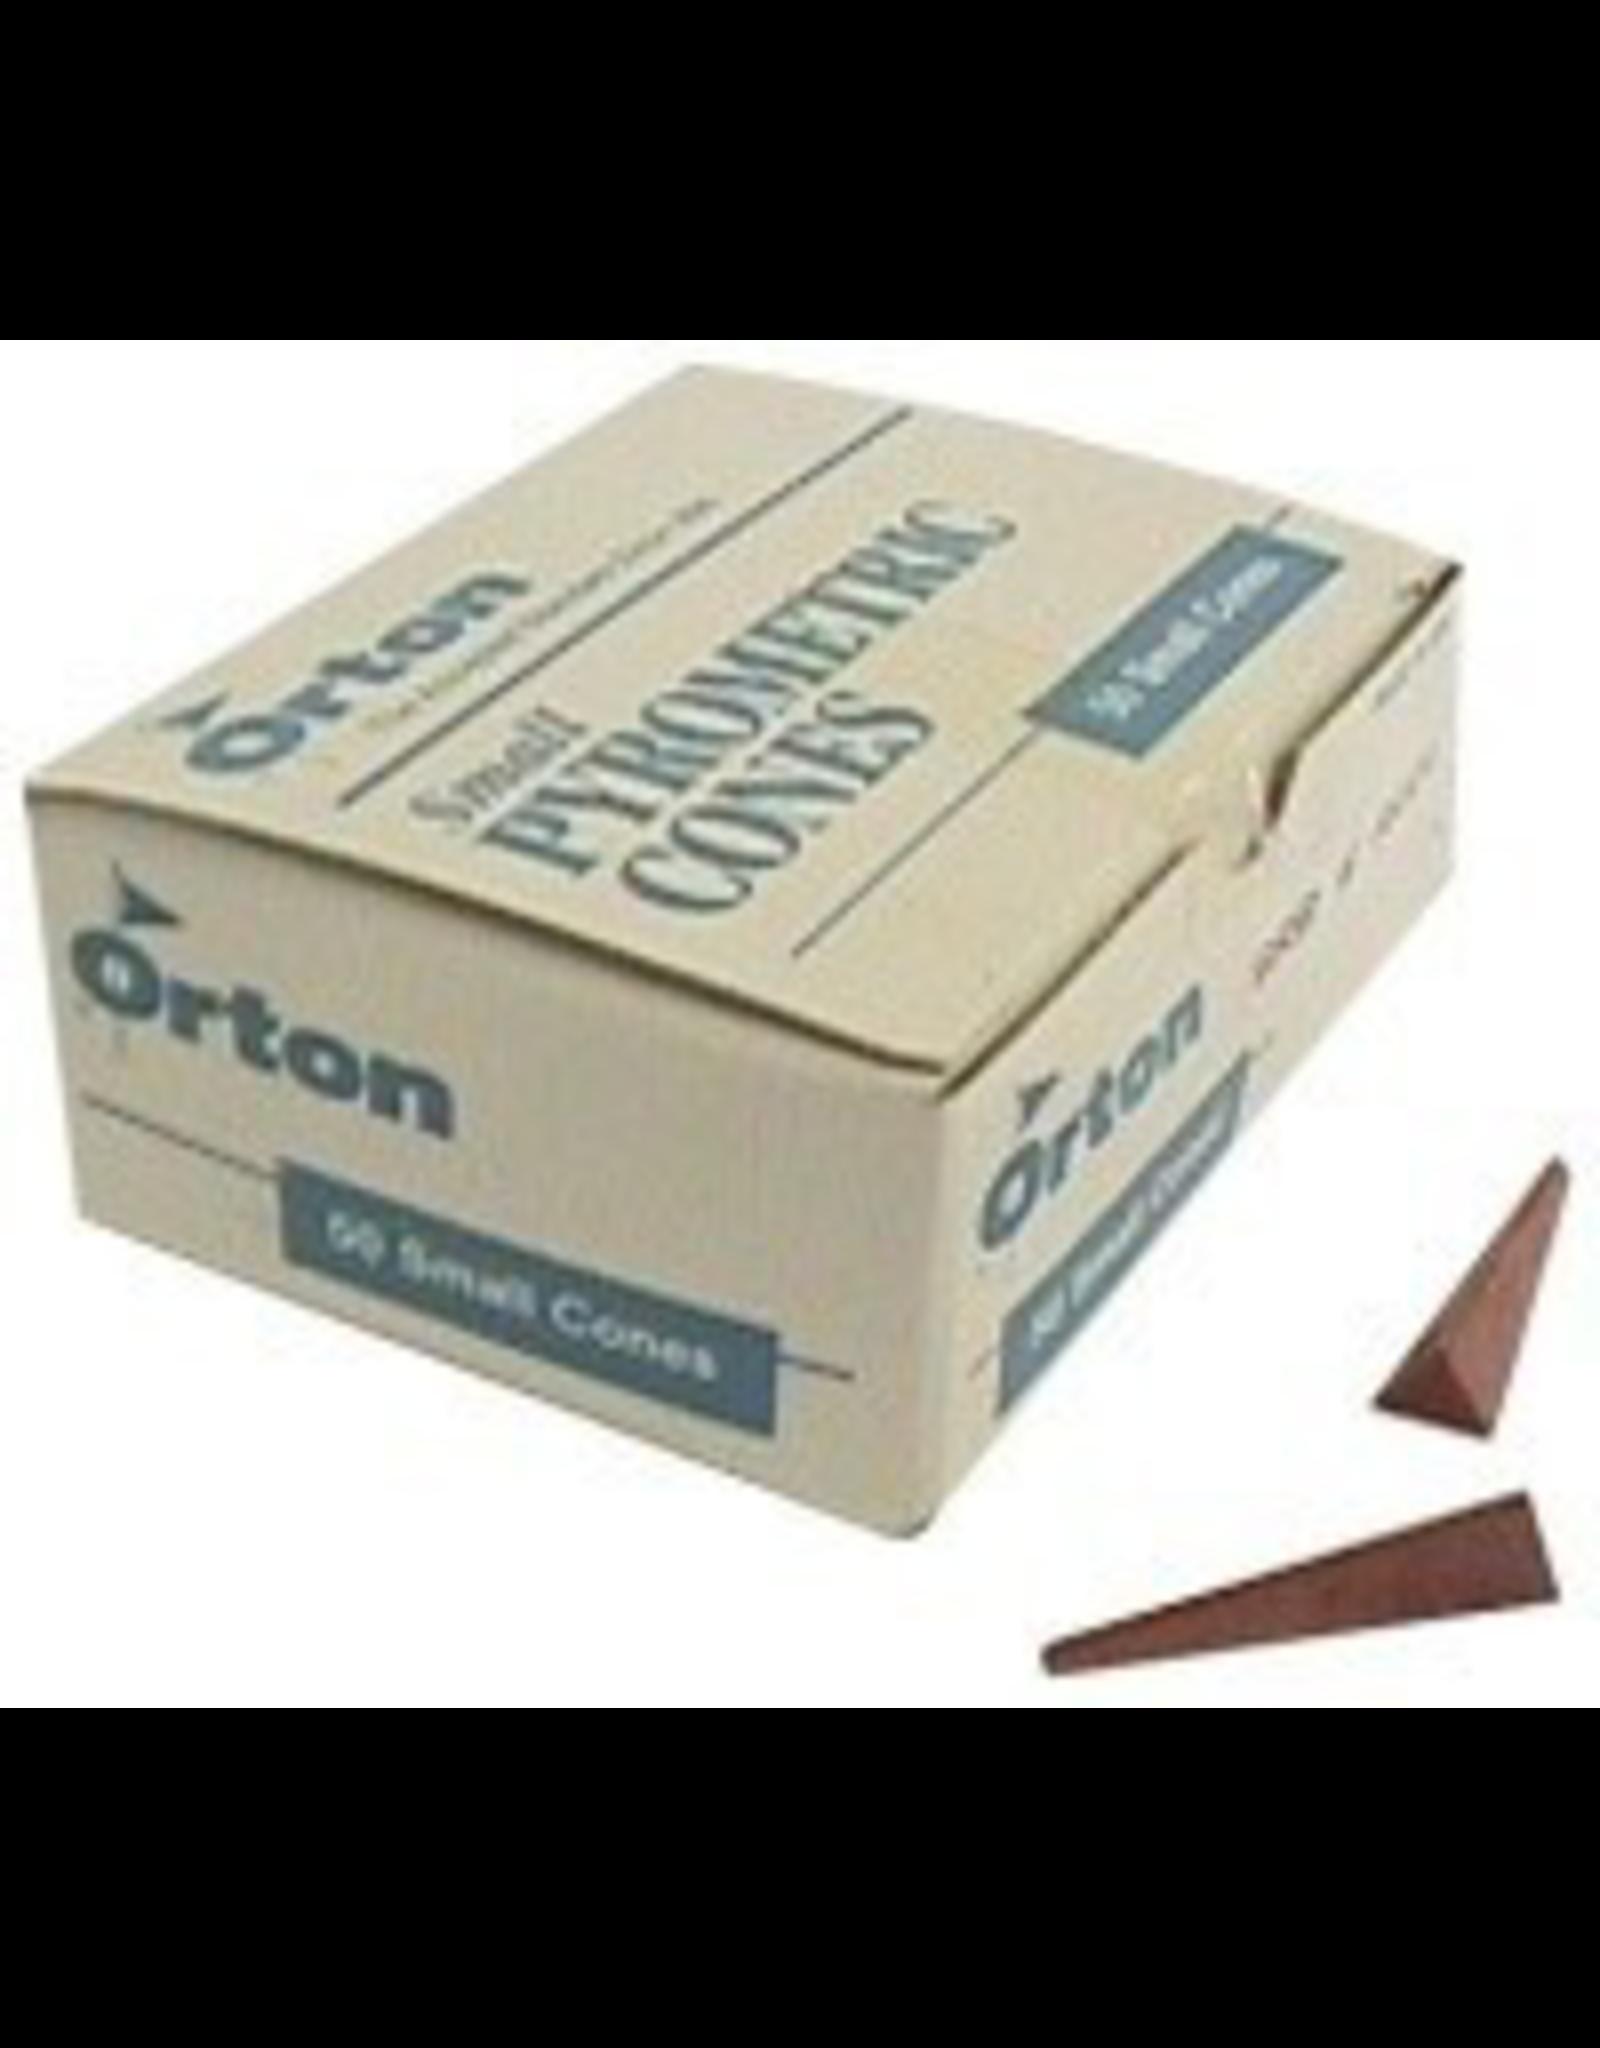 Orton small cone 6 (x10)